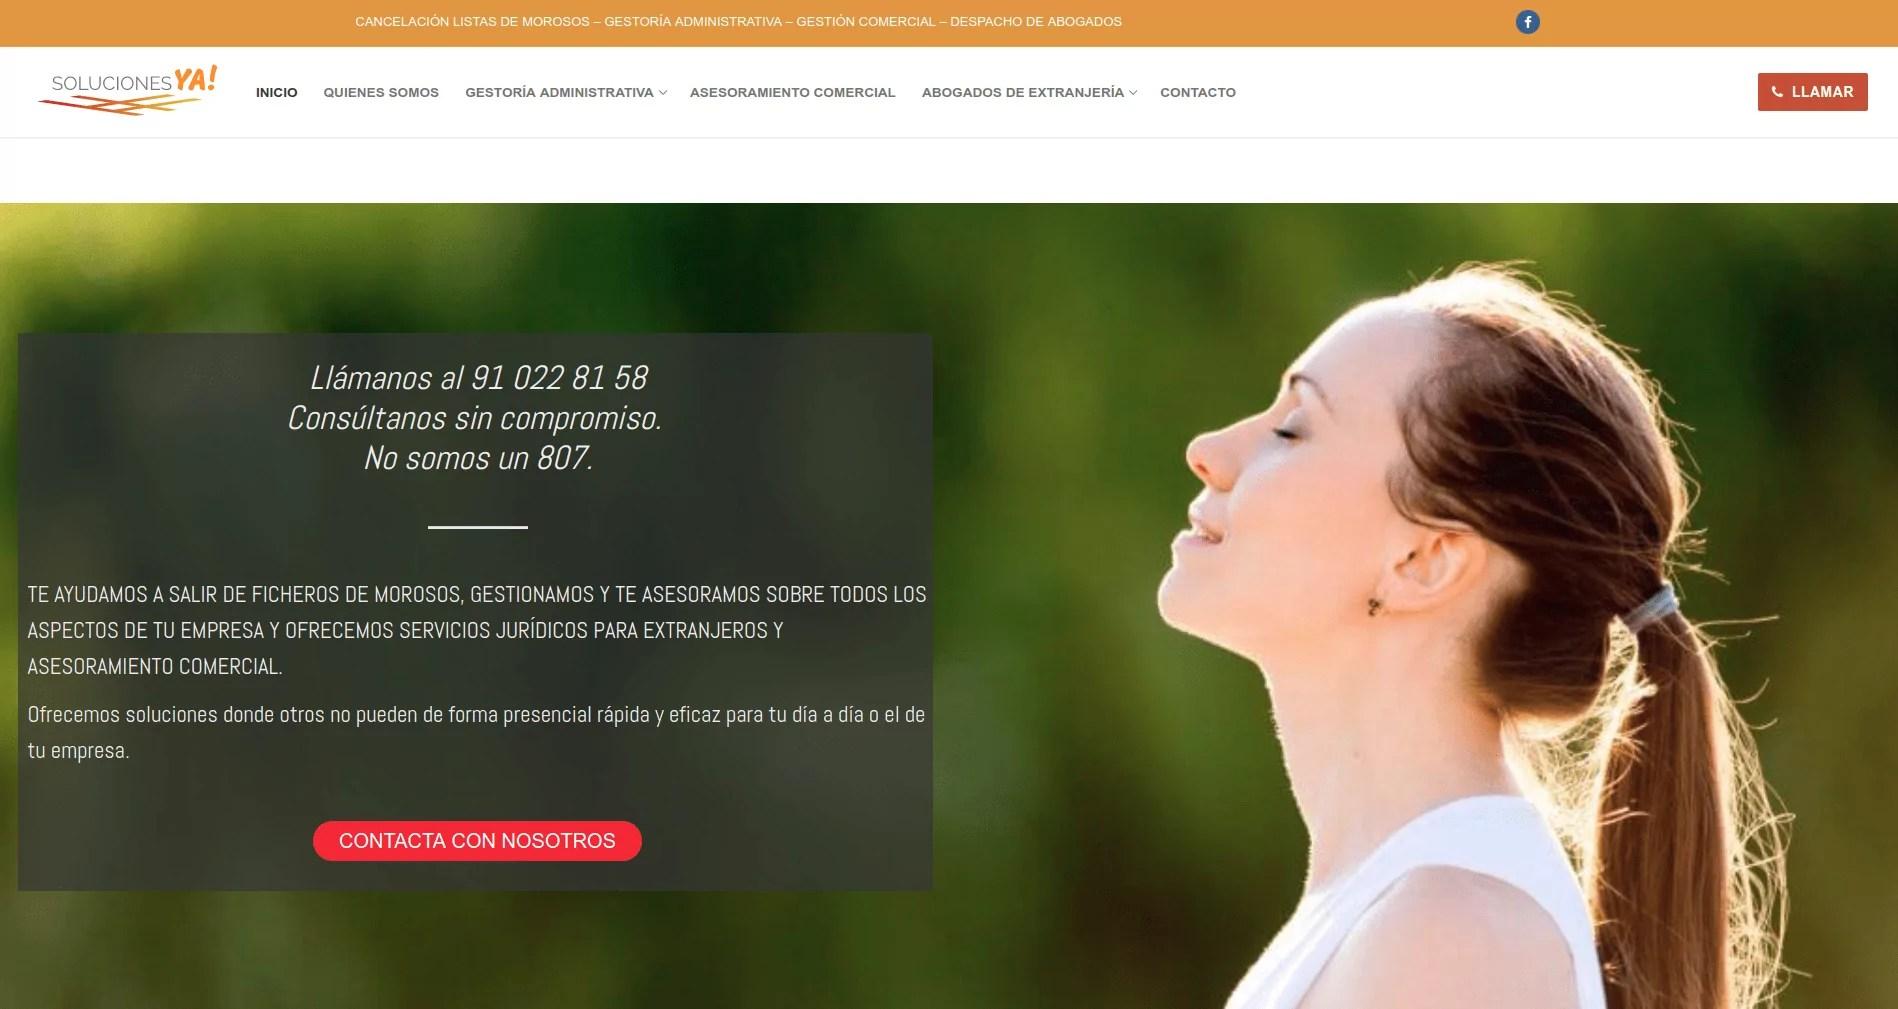 Diseño web para gestoría